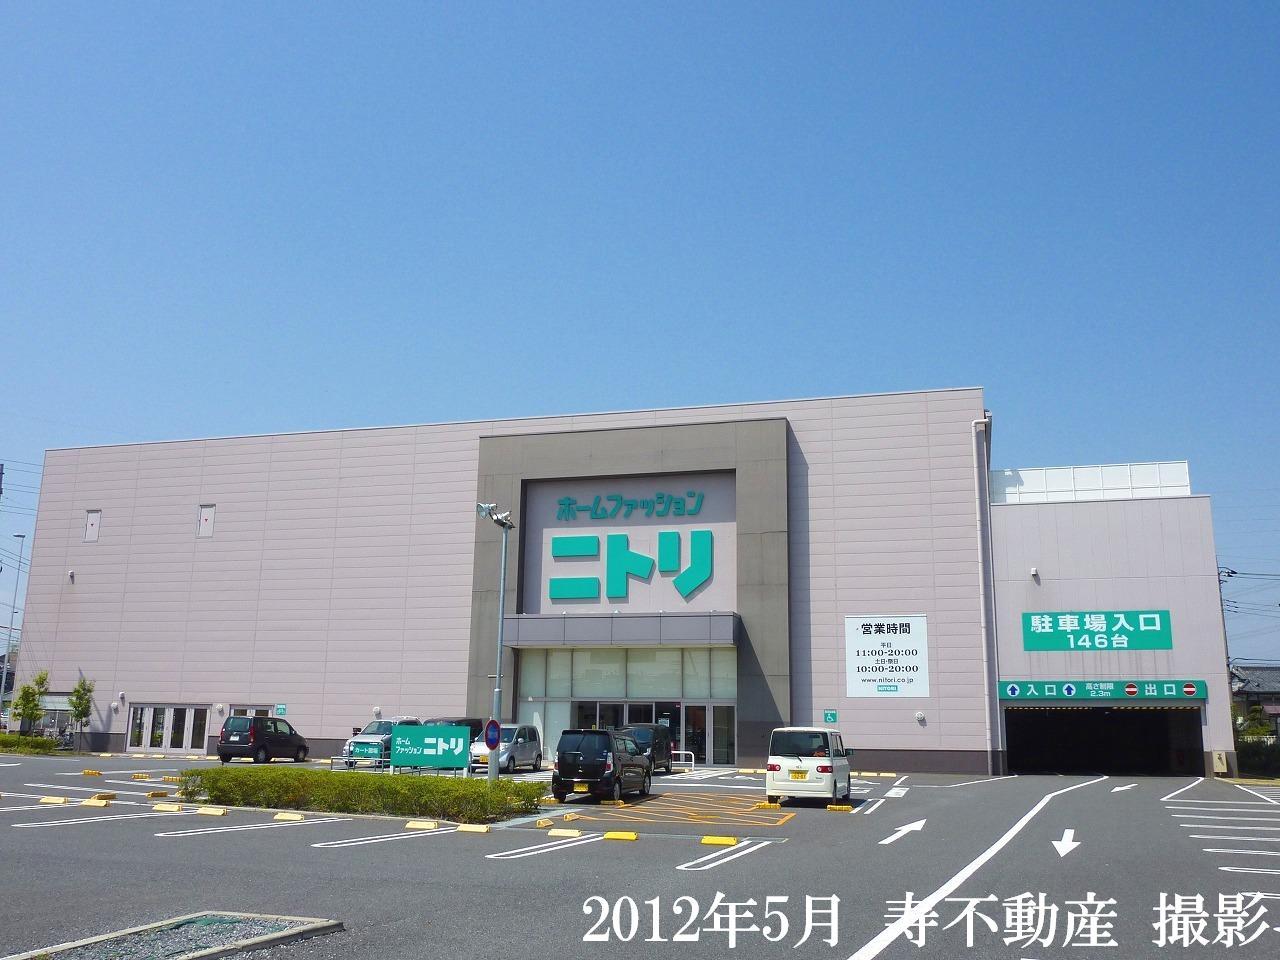 ホームセンター ホームファッションニトリ桶川店(ホームセンター)まで318m